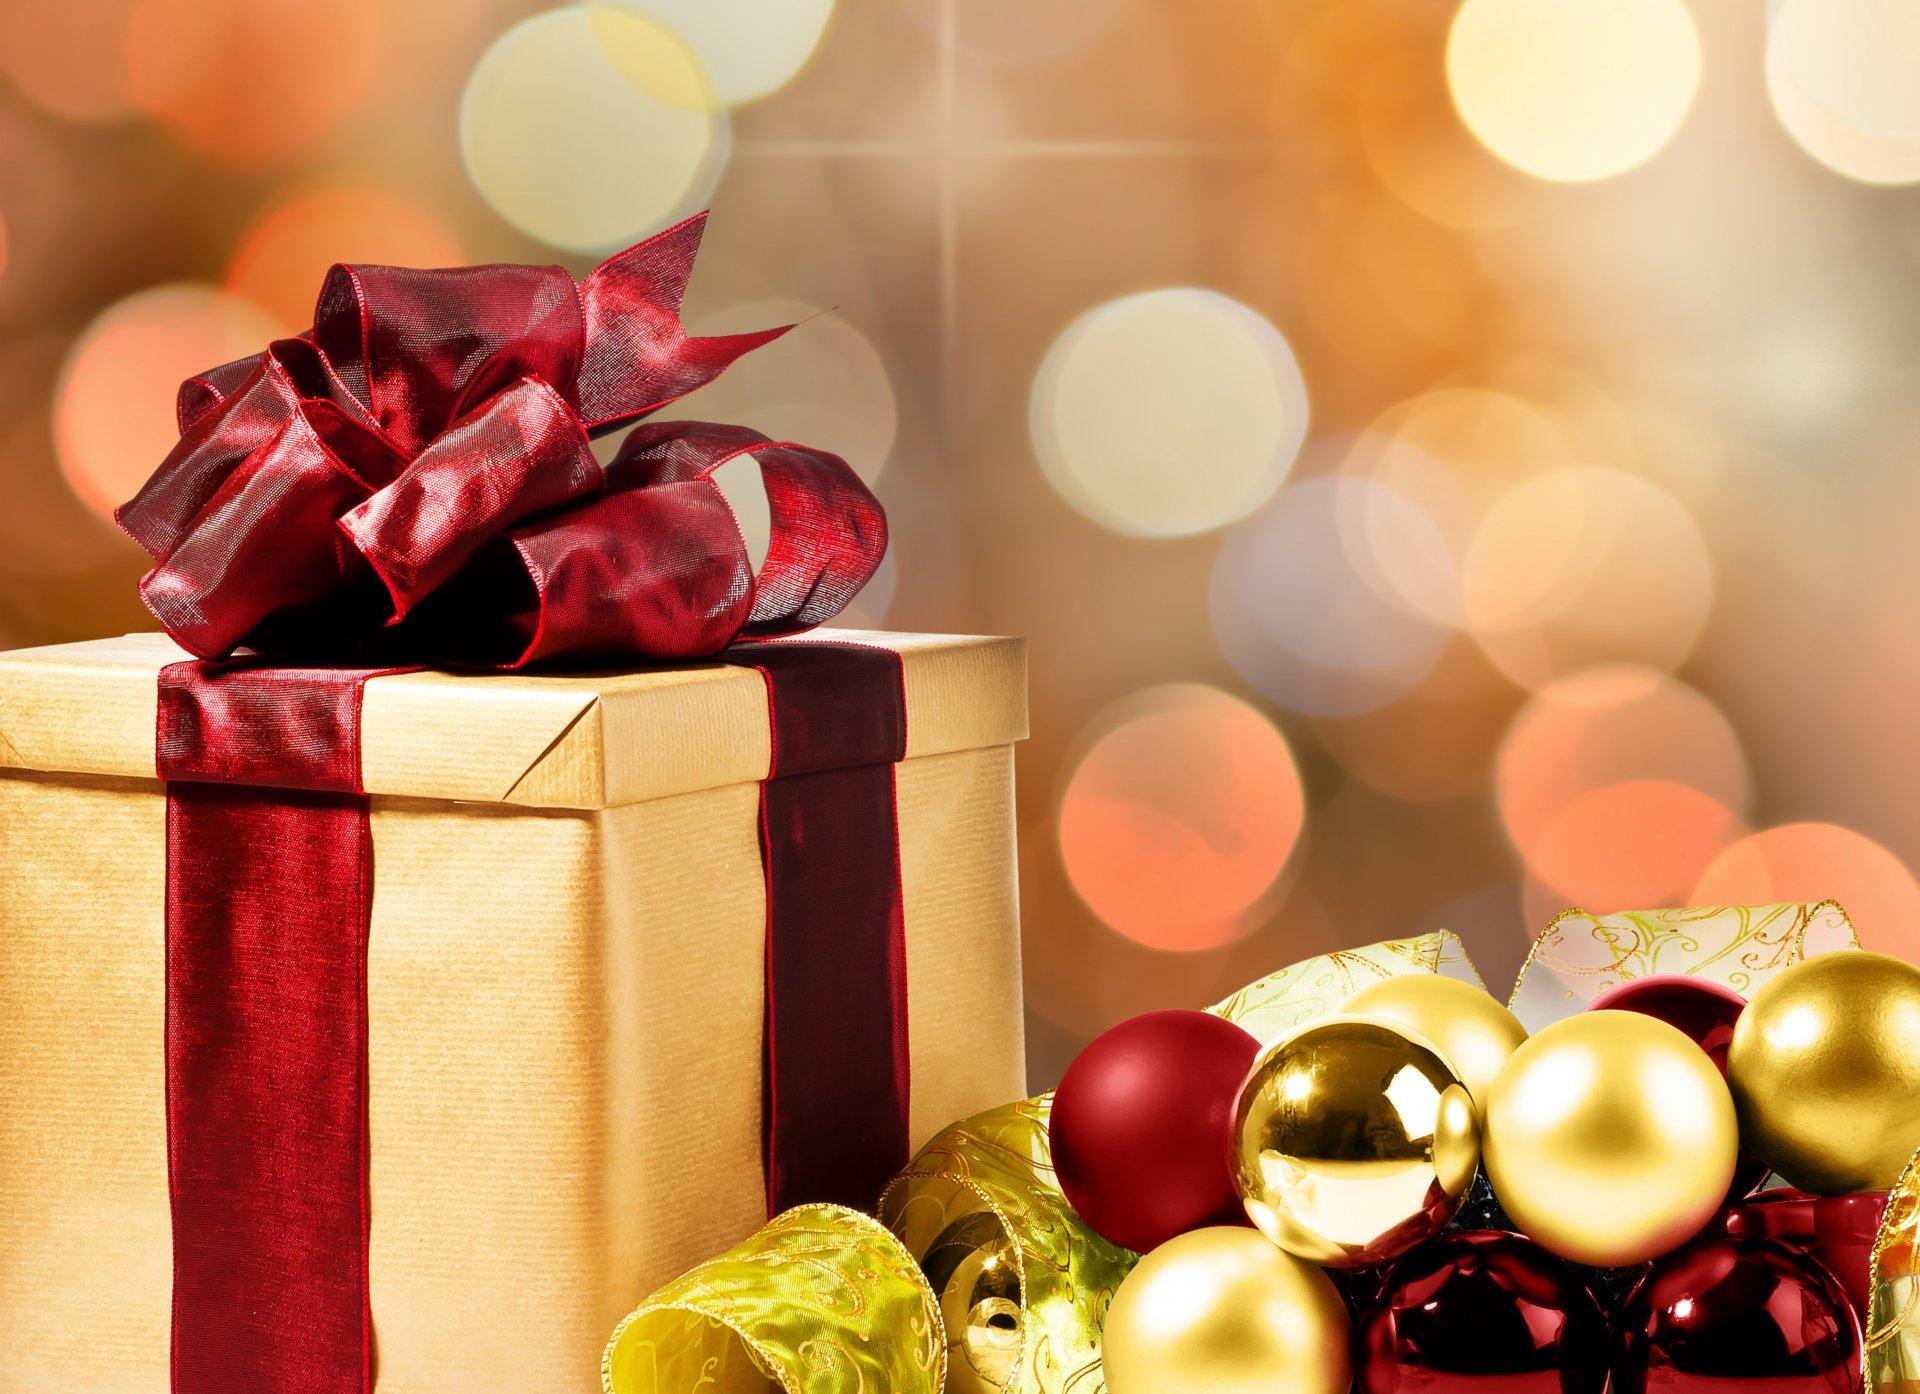 Обои подарок, Коробка, рождество, ёлочные украшения, золотые, шарики. Новый год foto 12